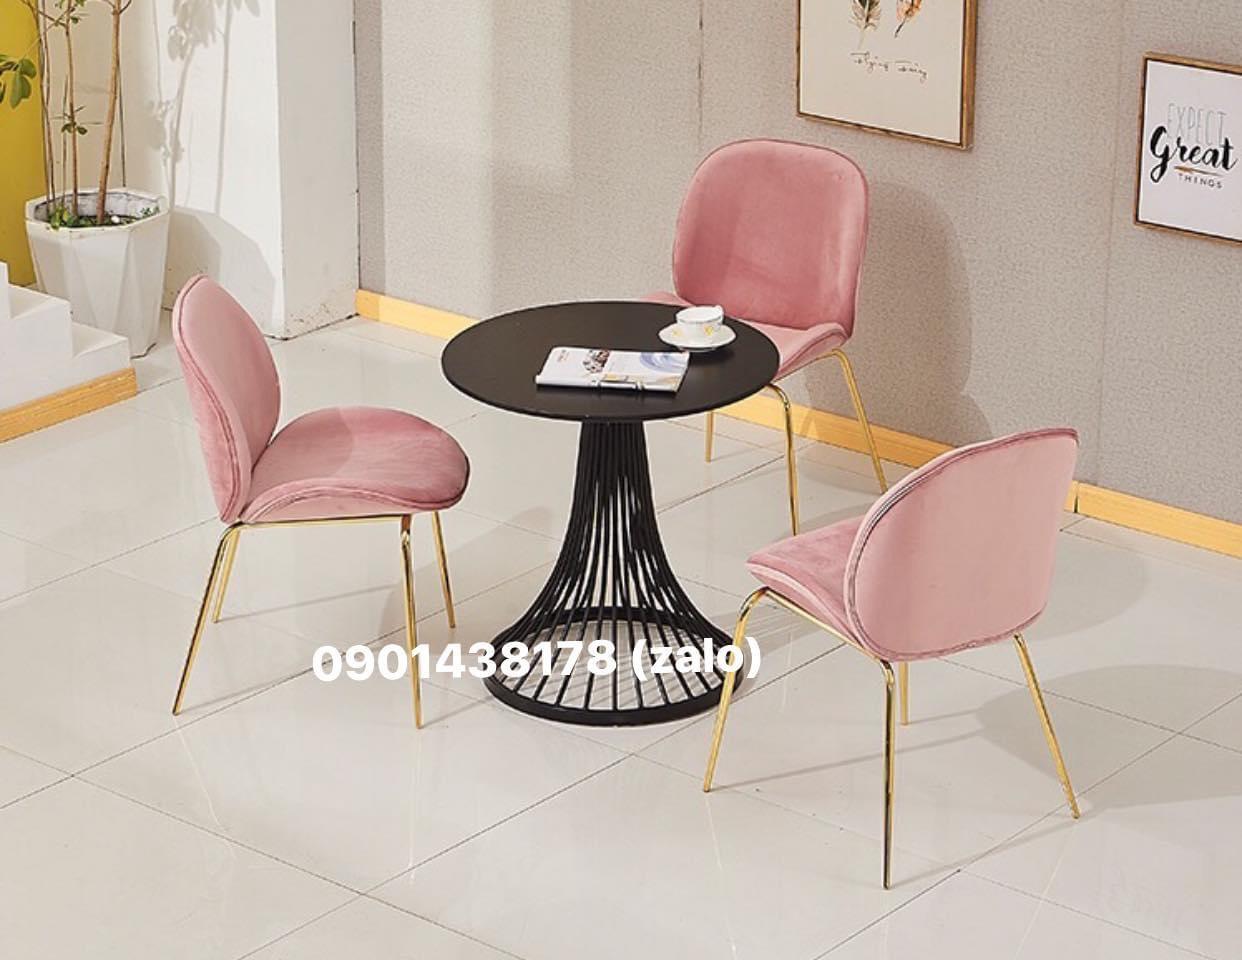 Bộ bàn nôm 3 ghế nhung Gubi chân mạ vàng